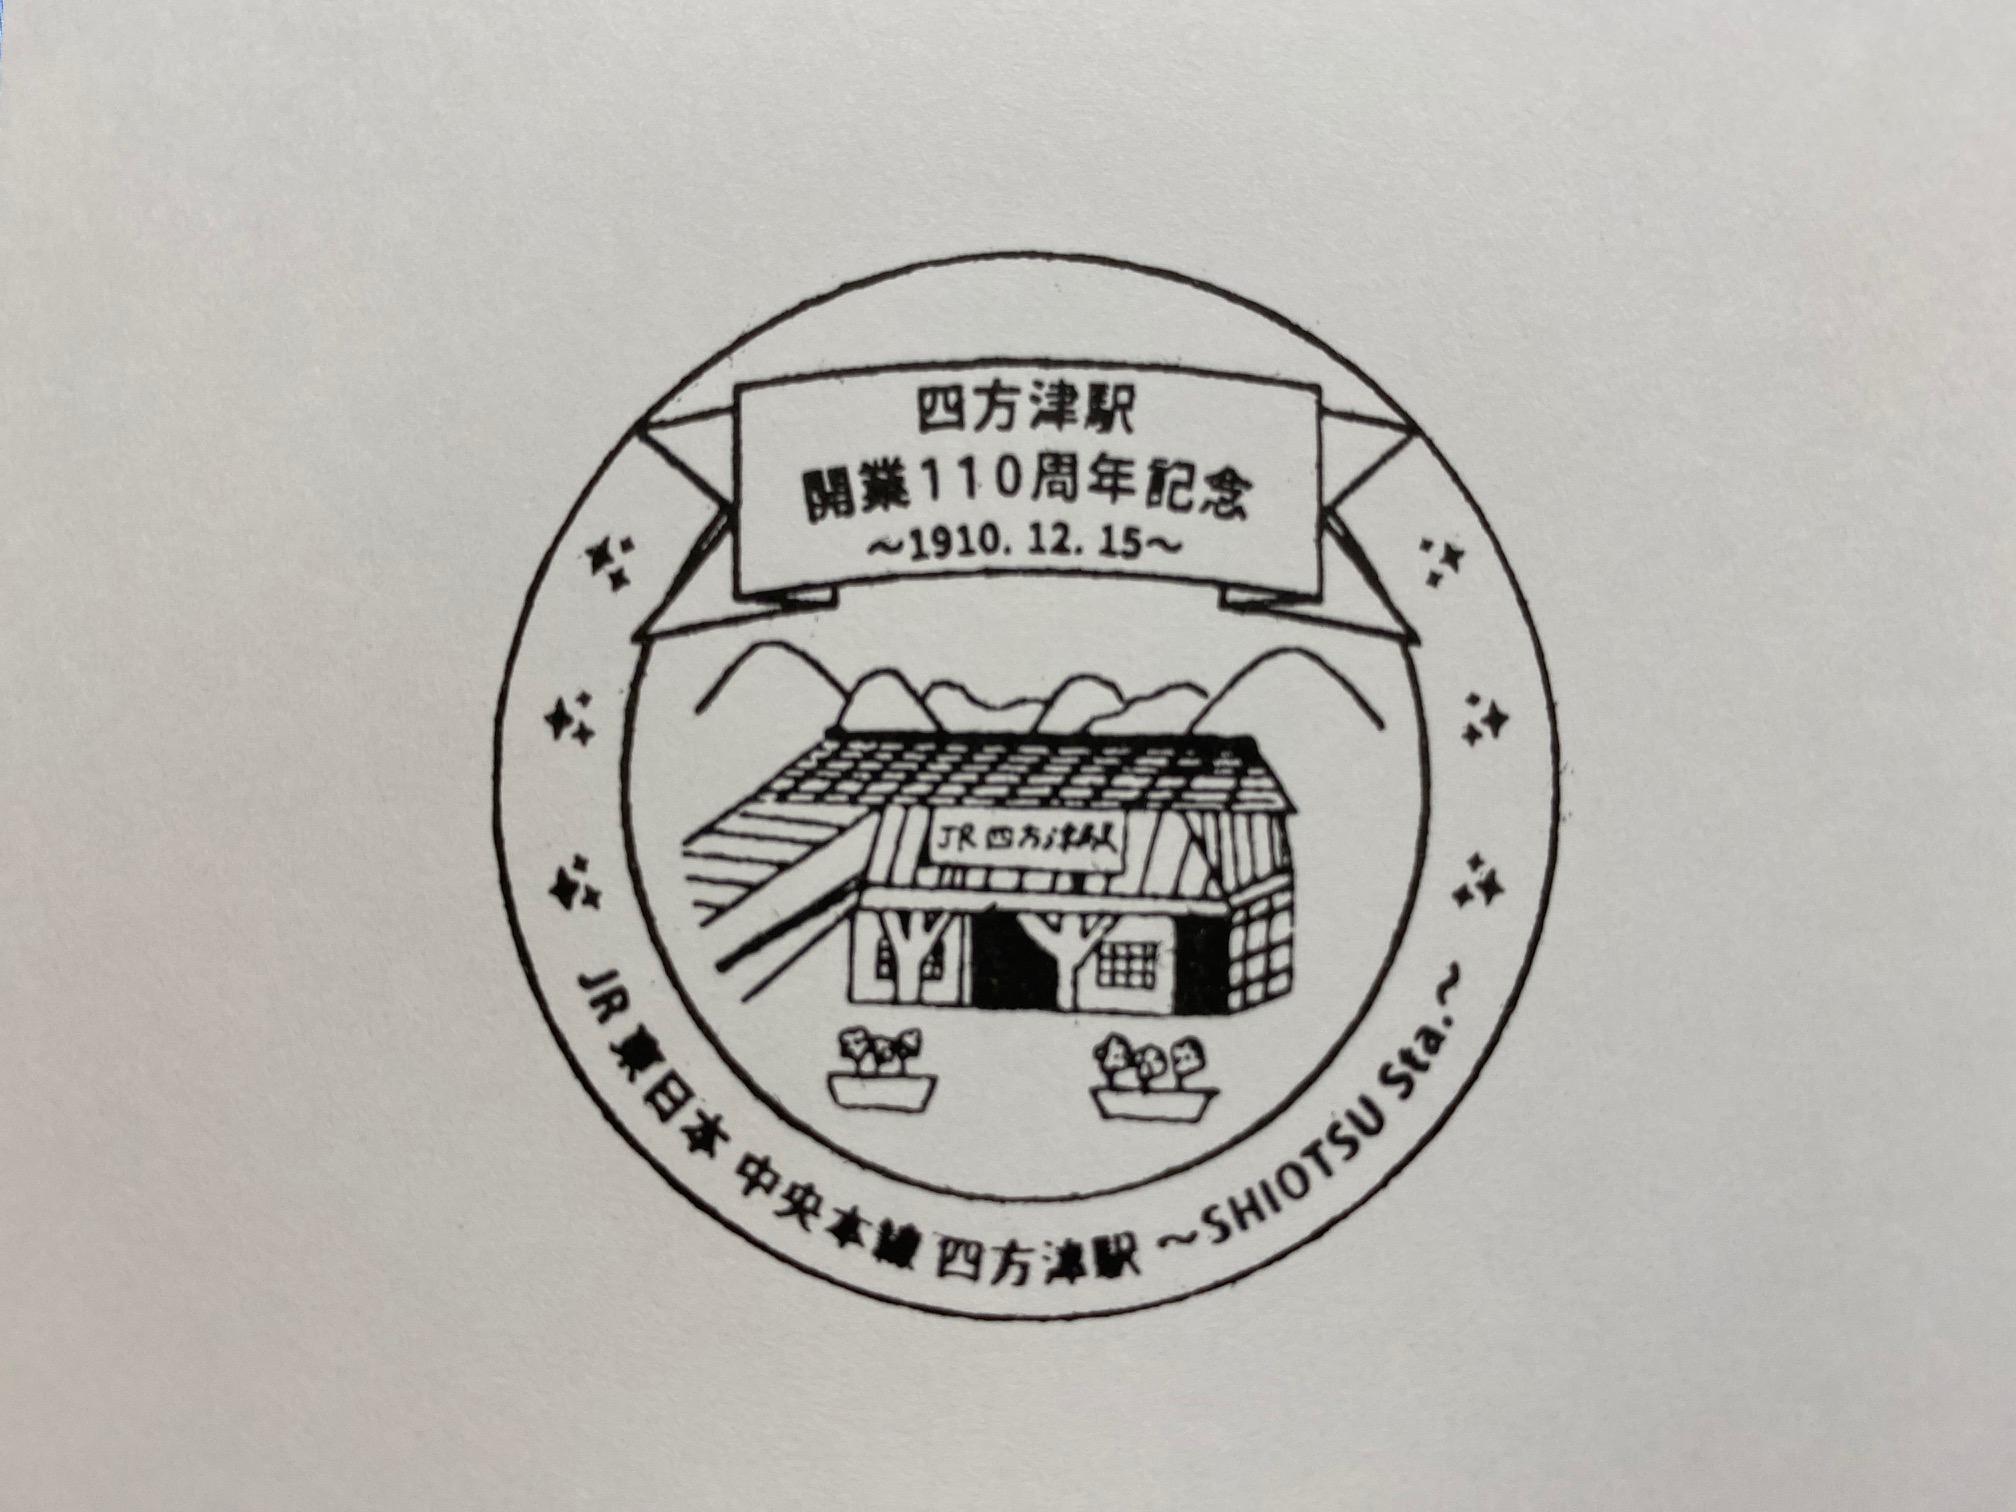 単独表示 四方津110周年.jpg